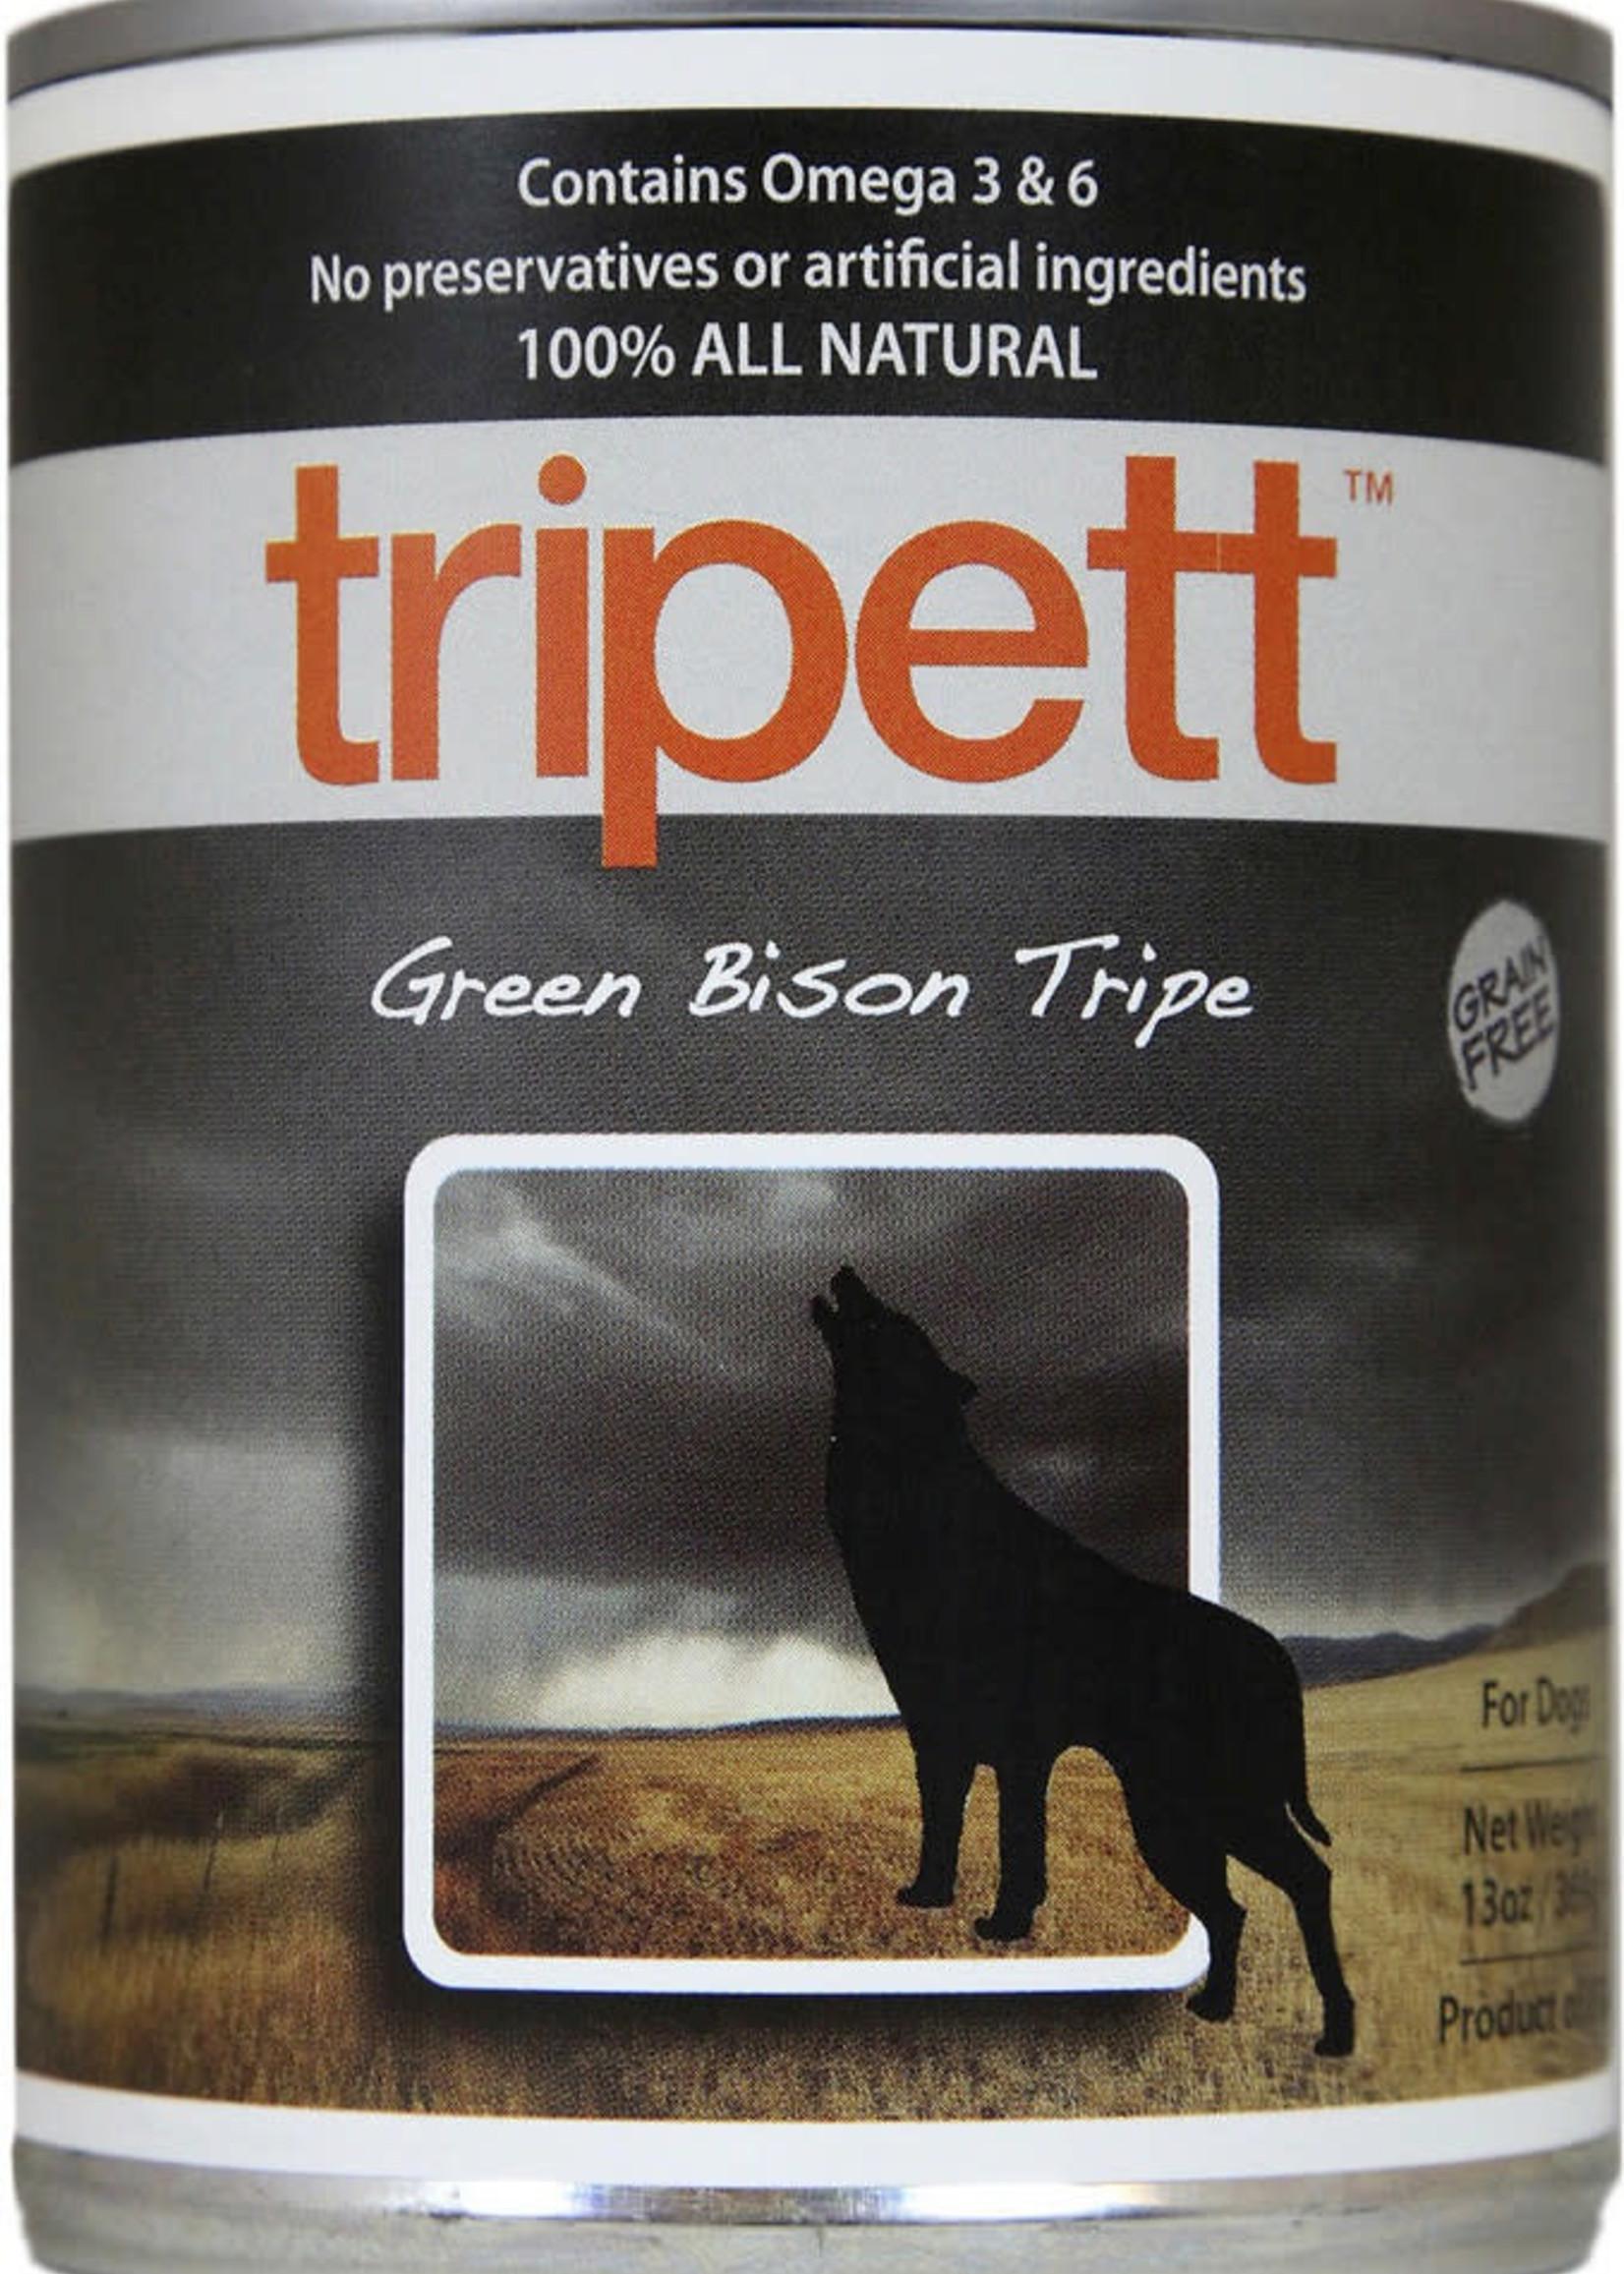 Petkind Tripett GF Green Bison Tripe K9 13oz